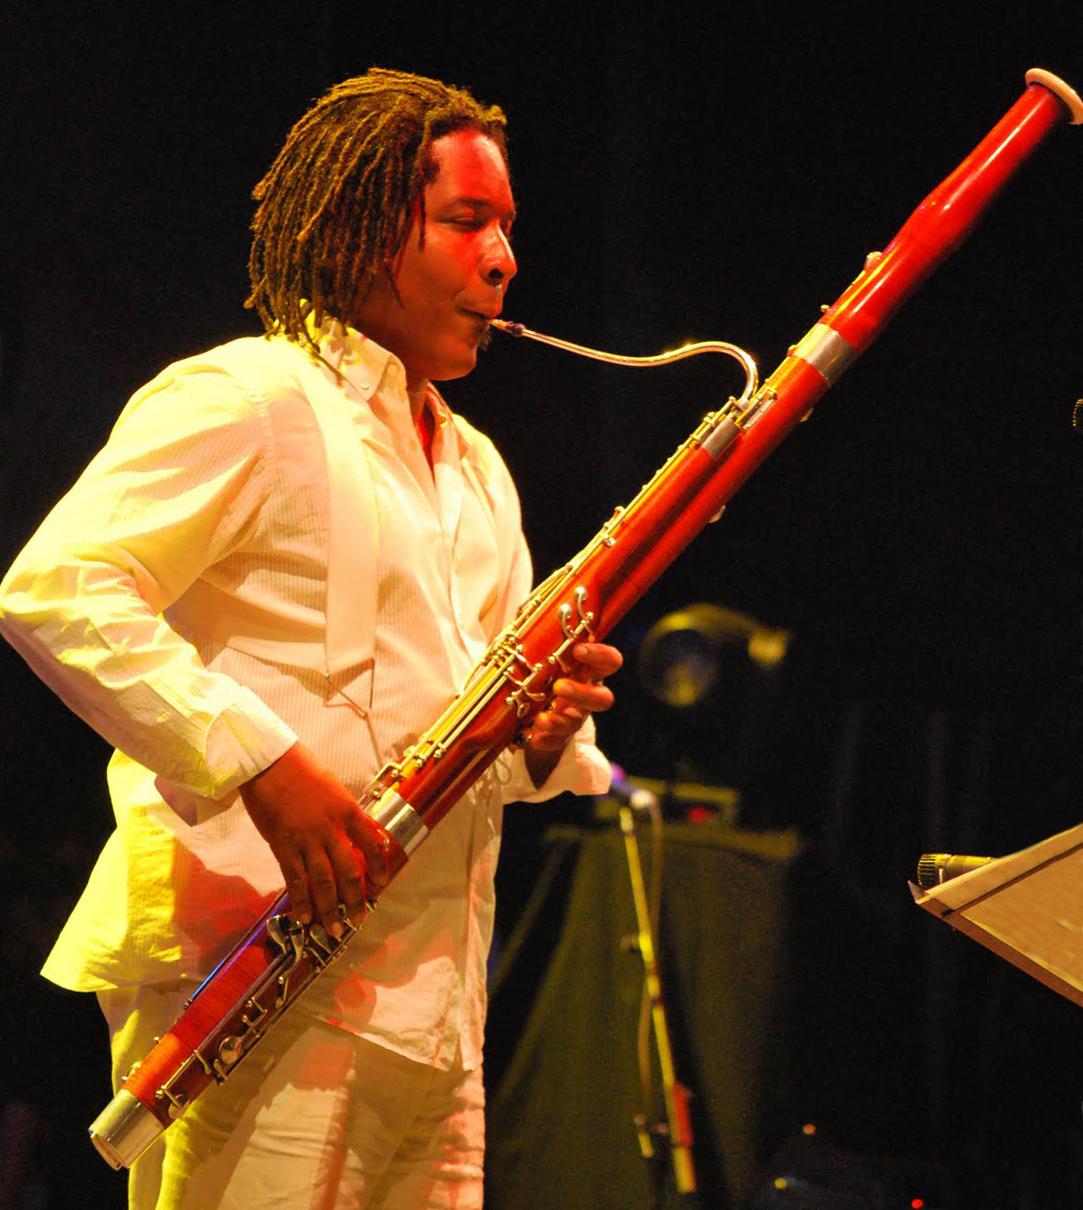 фагот духовой музыкальный инструмент музстори